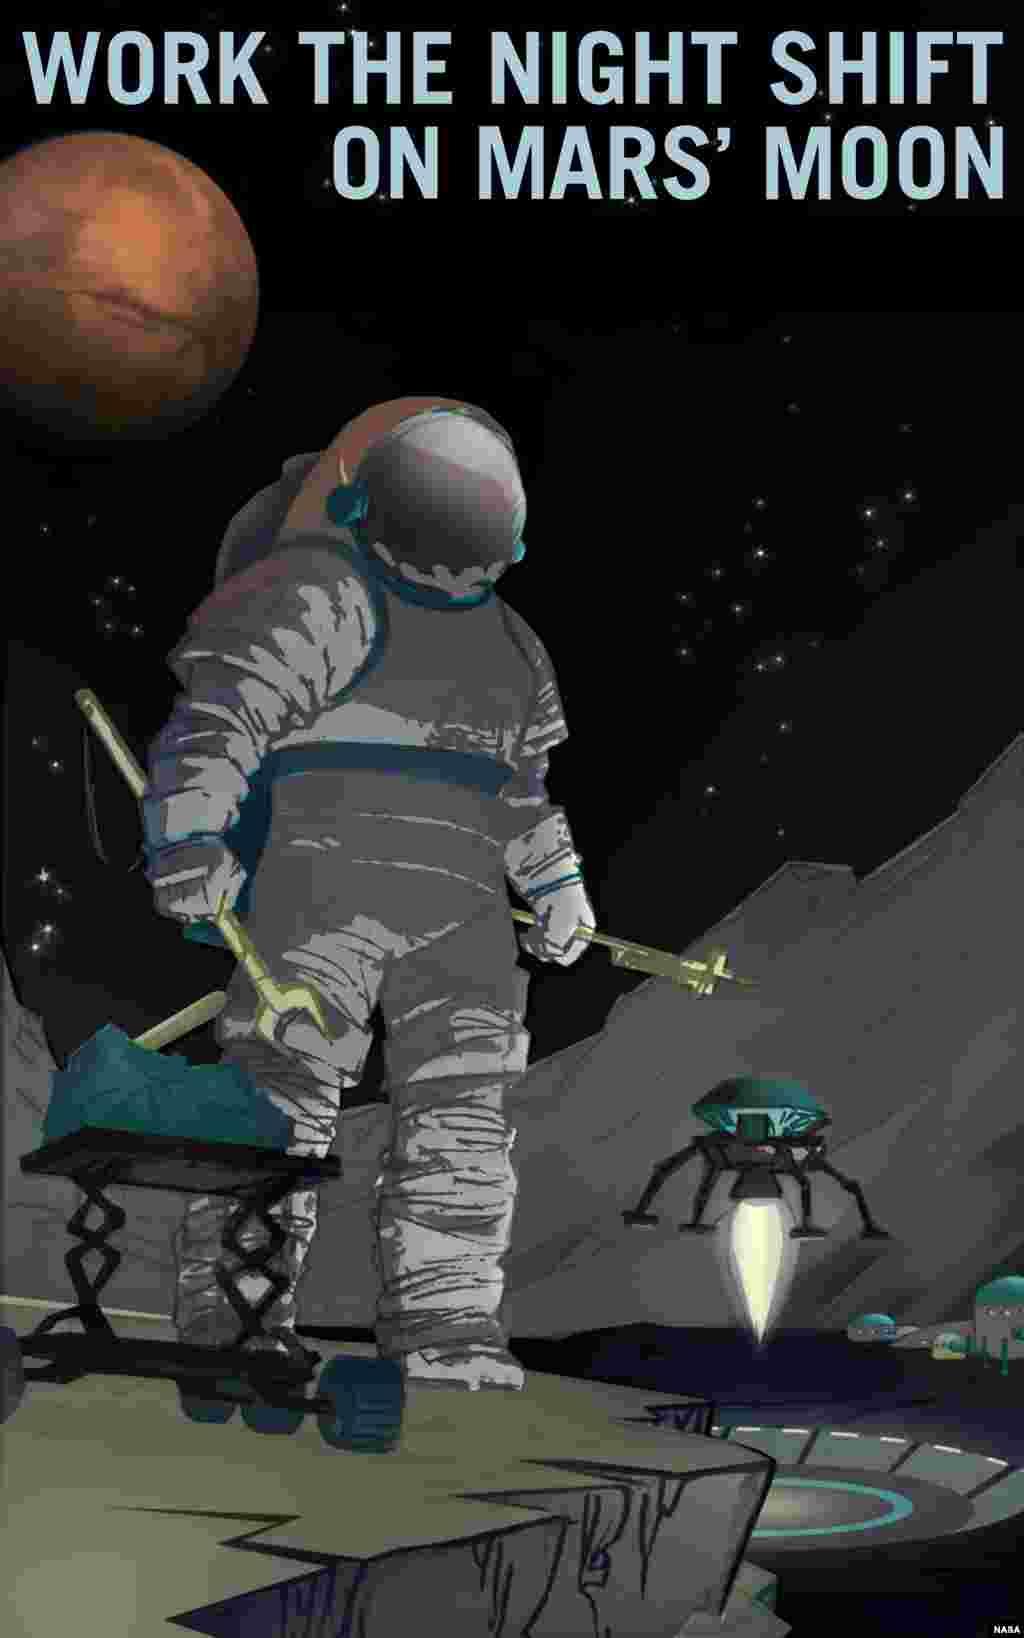 کار در شیفت شب در قمر مریخ